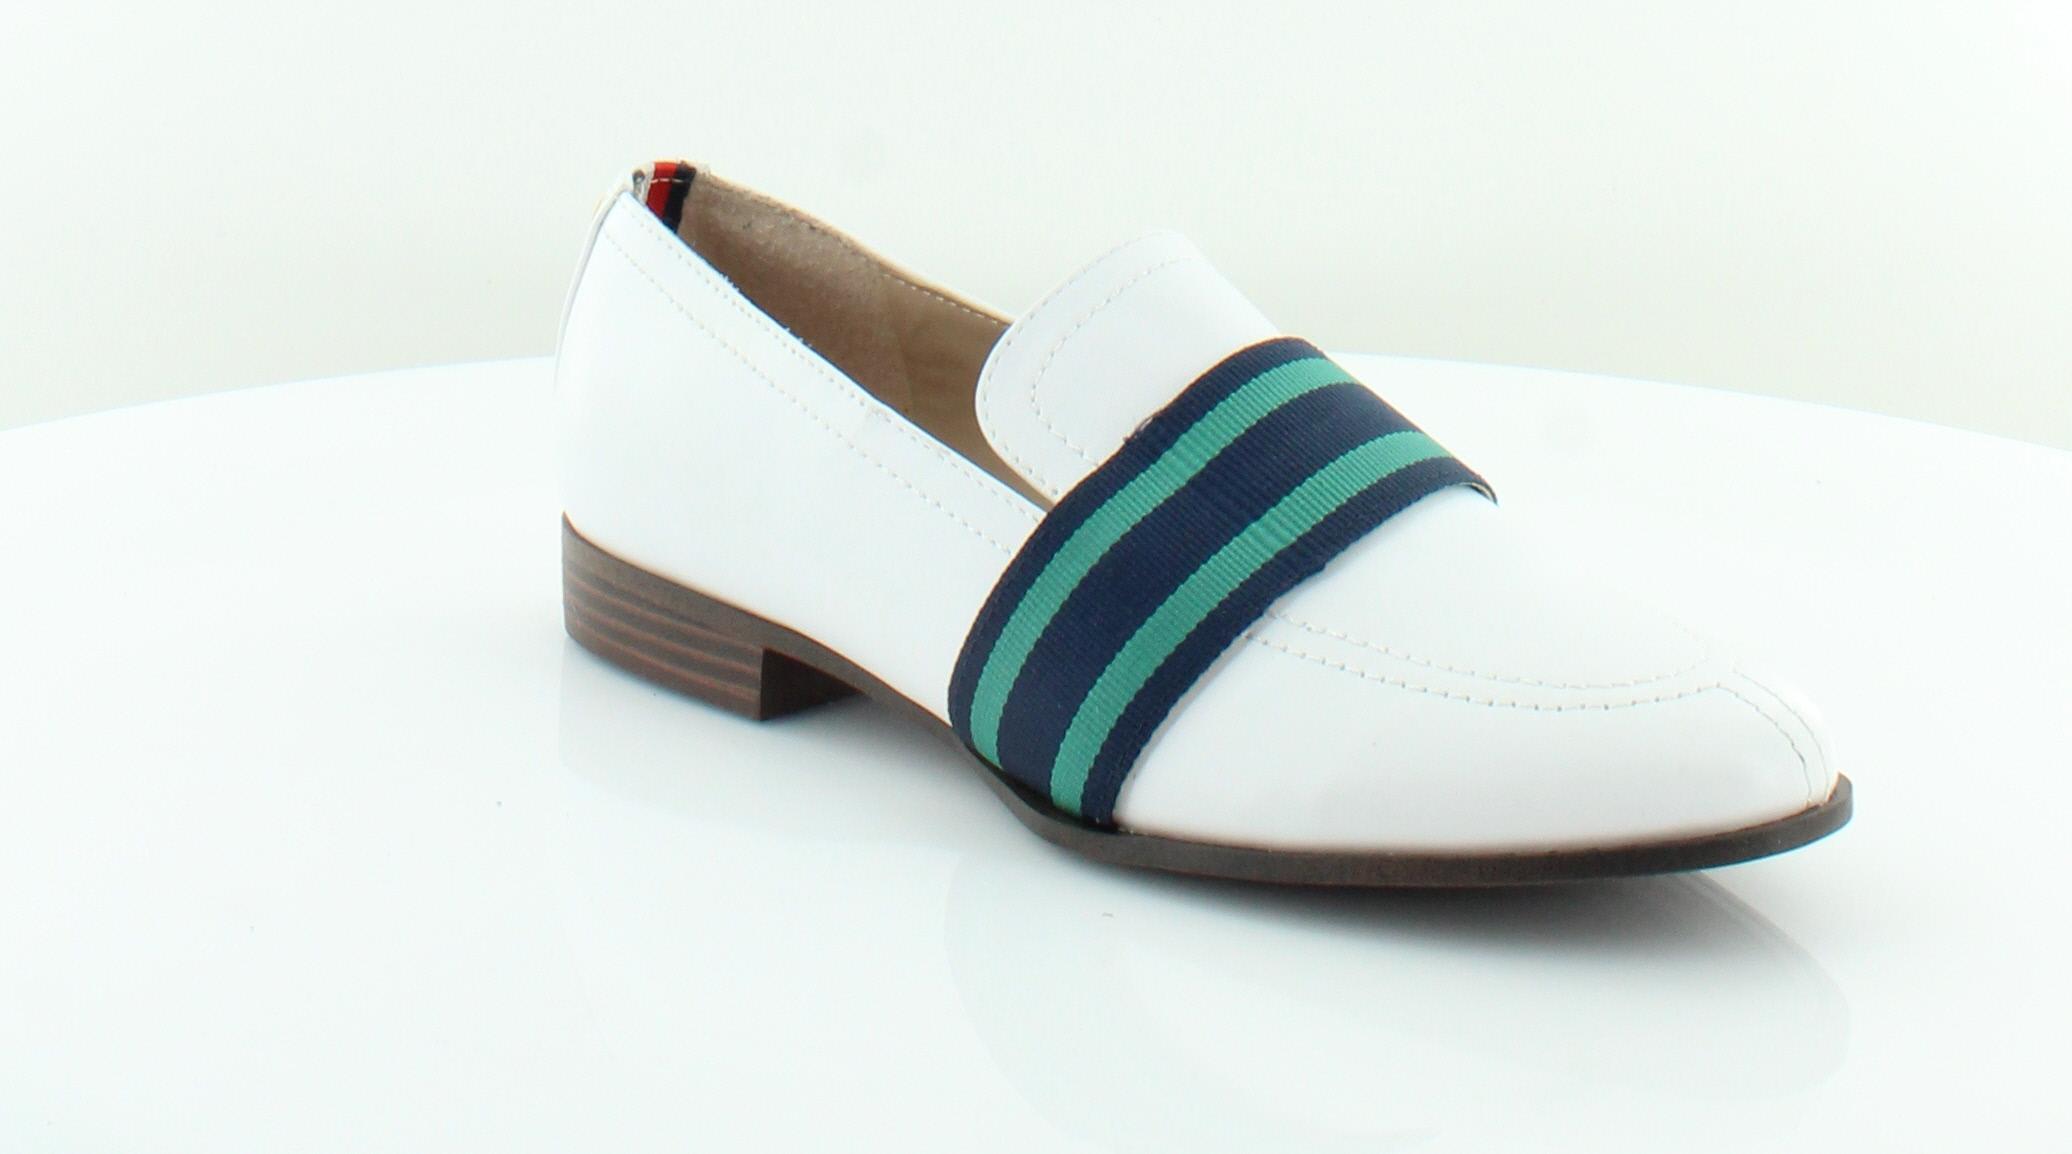 e7d171ce3 Tommy Hilfiger New Ignaz White Womens Shoes Size 7.5 M Flats MSRP ...